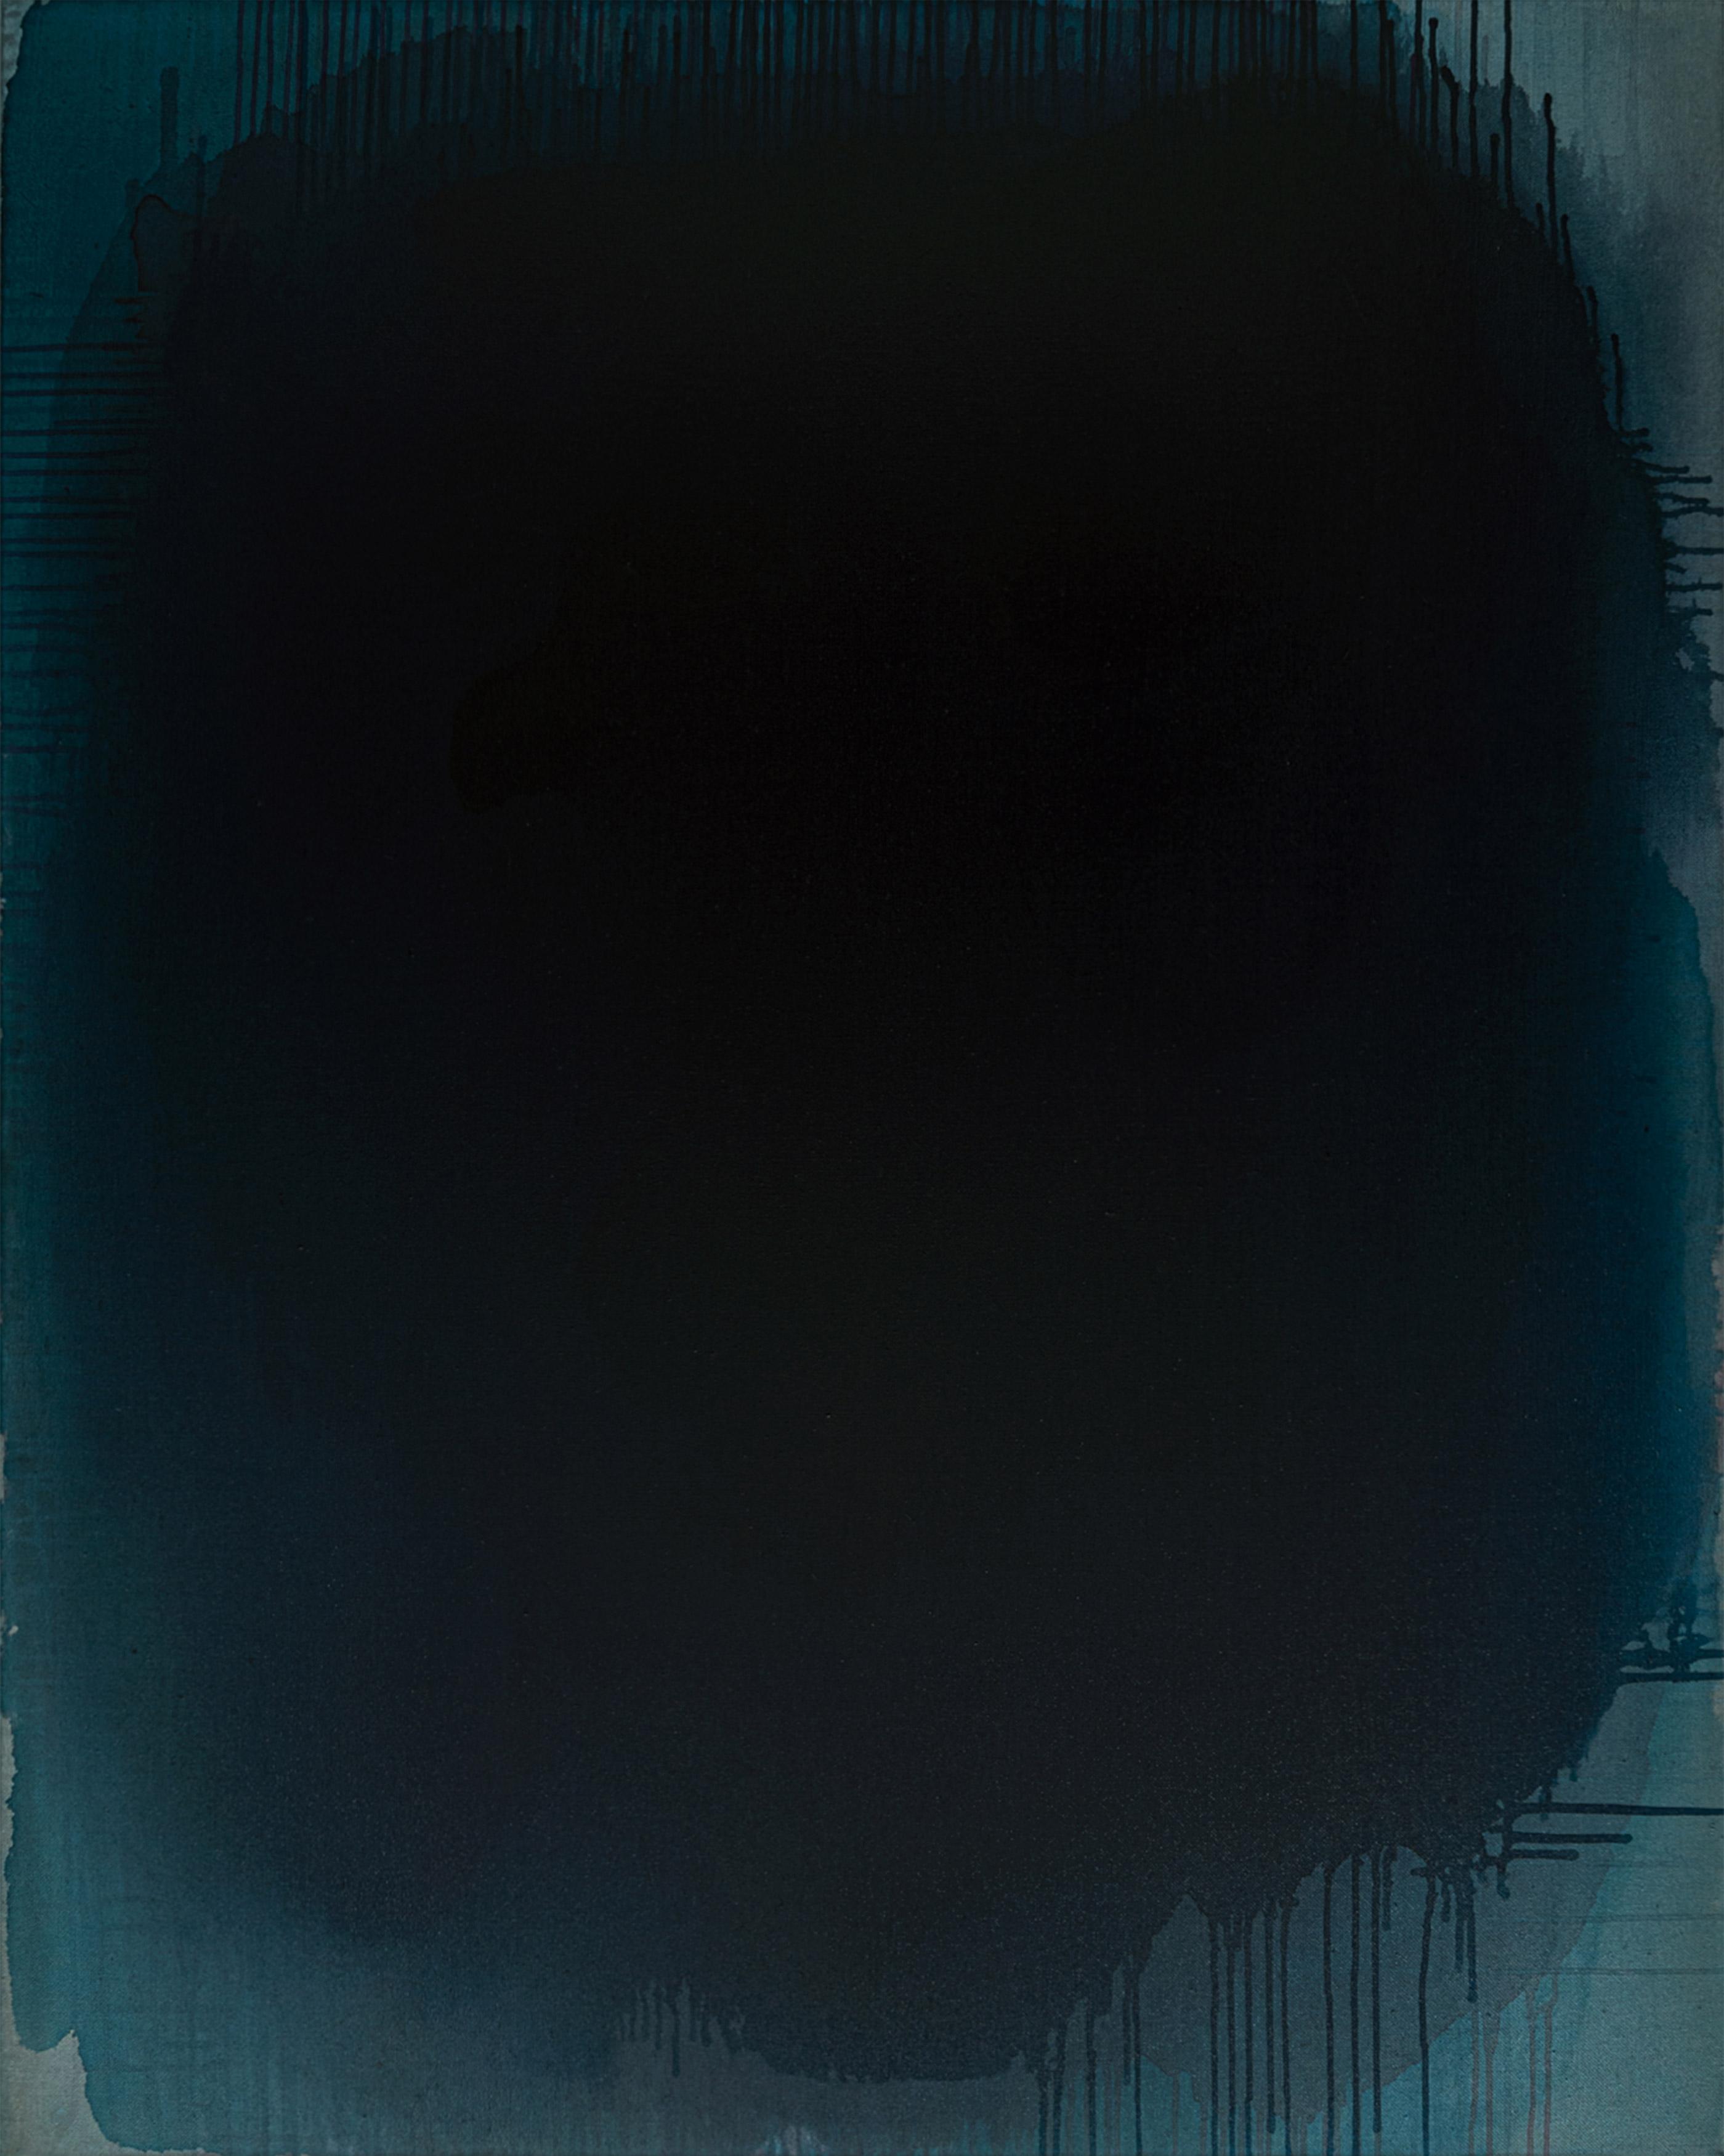 TW_Artwork_1524x1219_Blue_LR